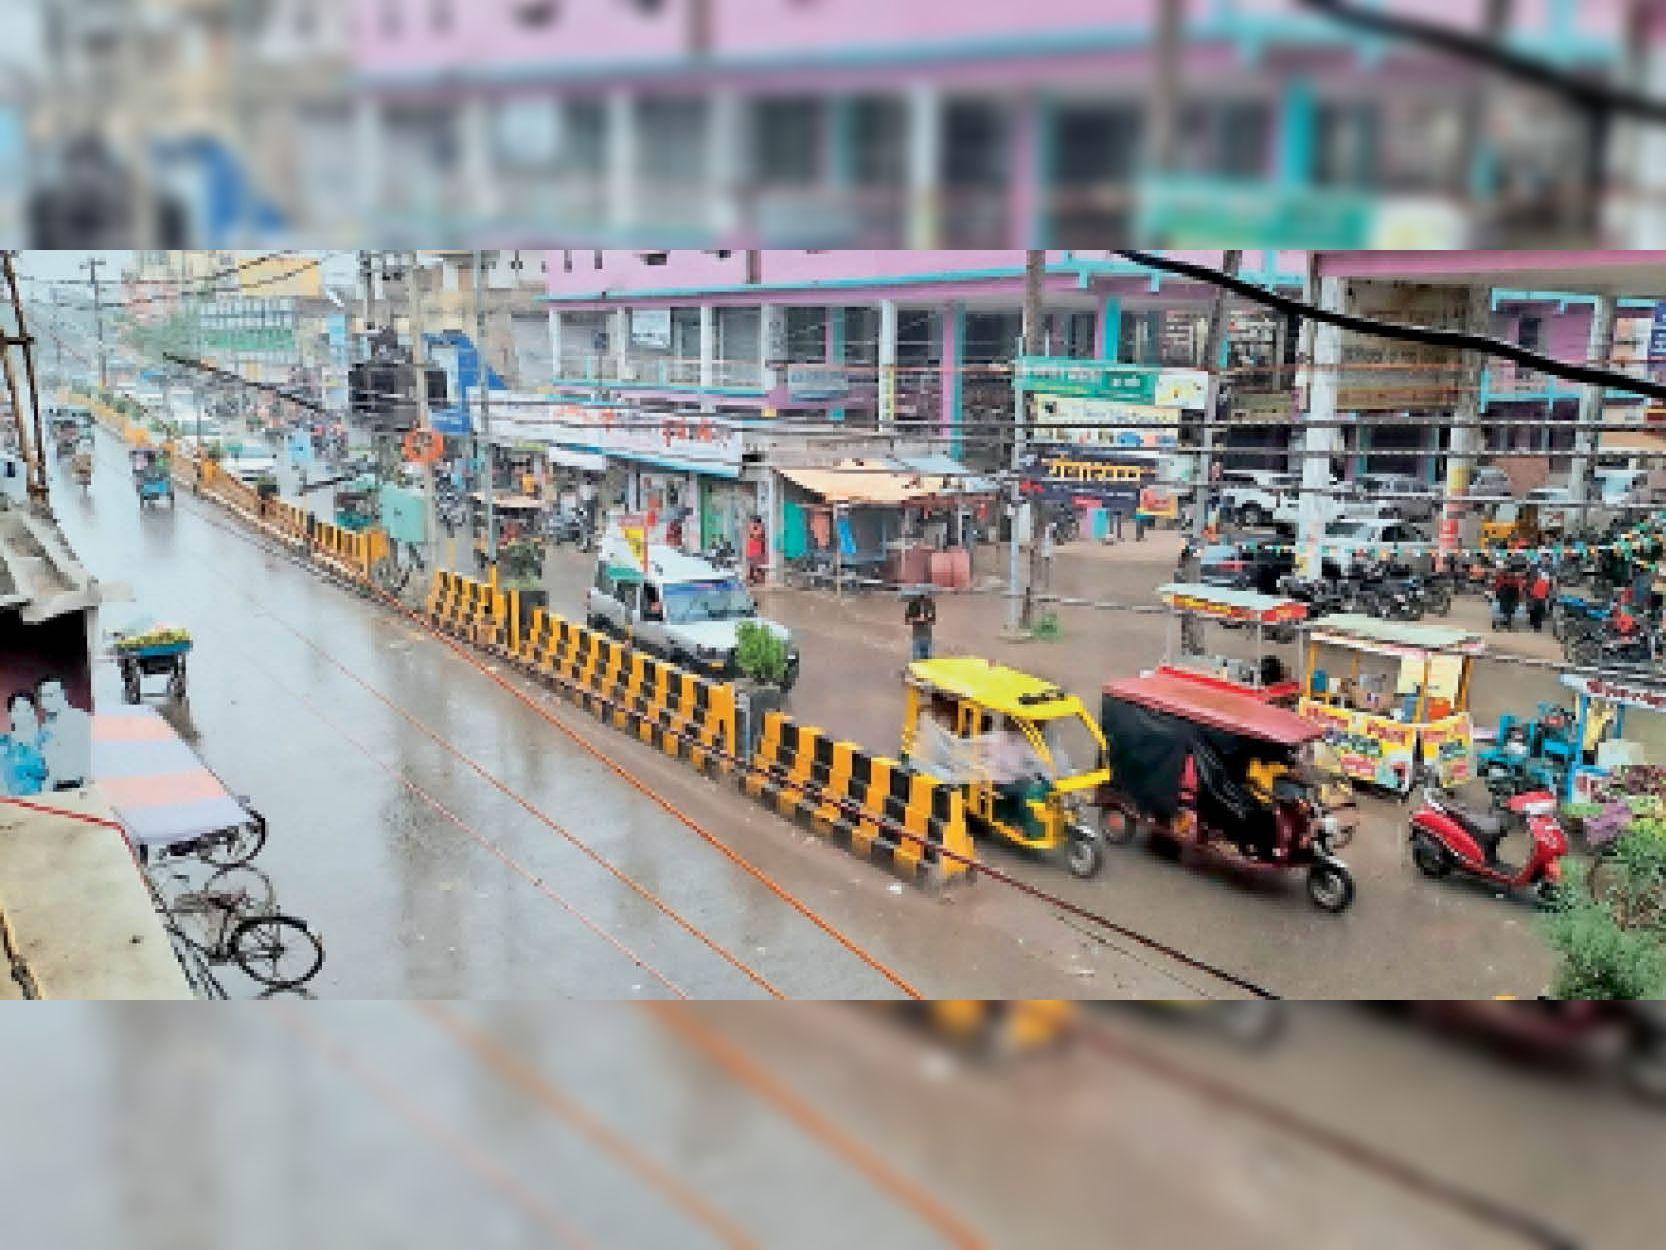 रविवार की शाम हल्की बारिश से फिर बढ़ गई है उमस। - Dainik Bhaskar